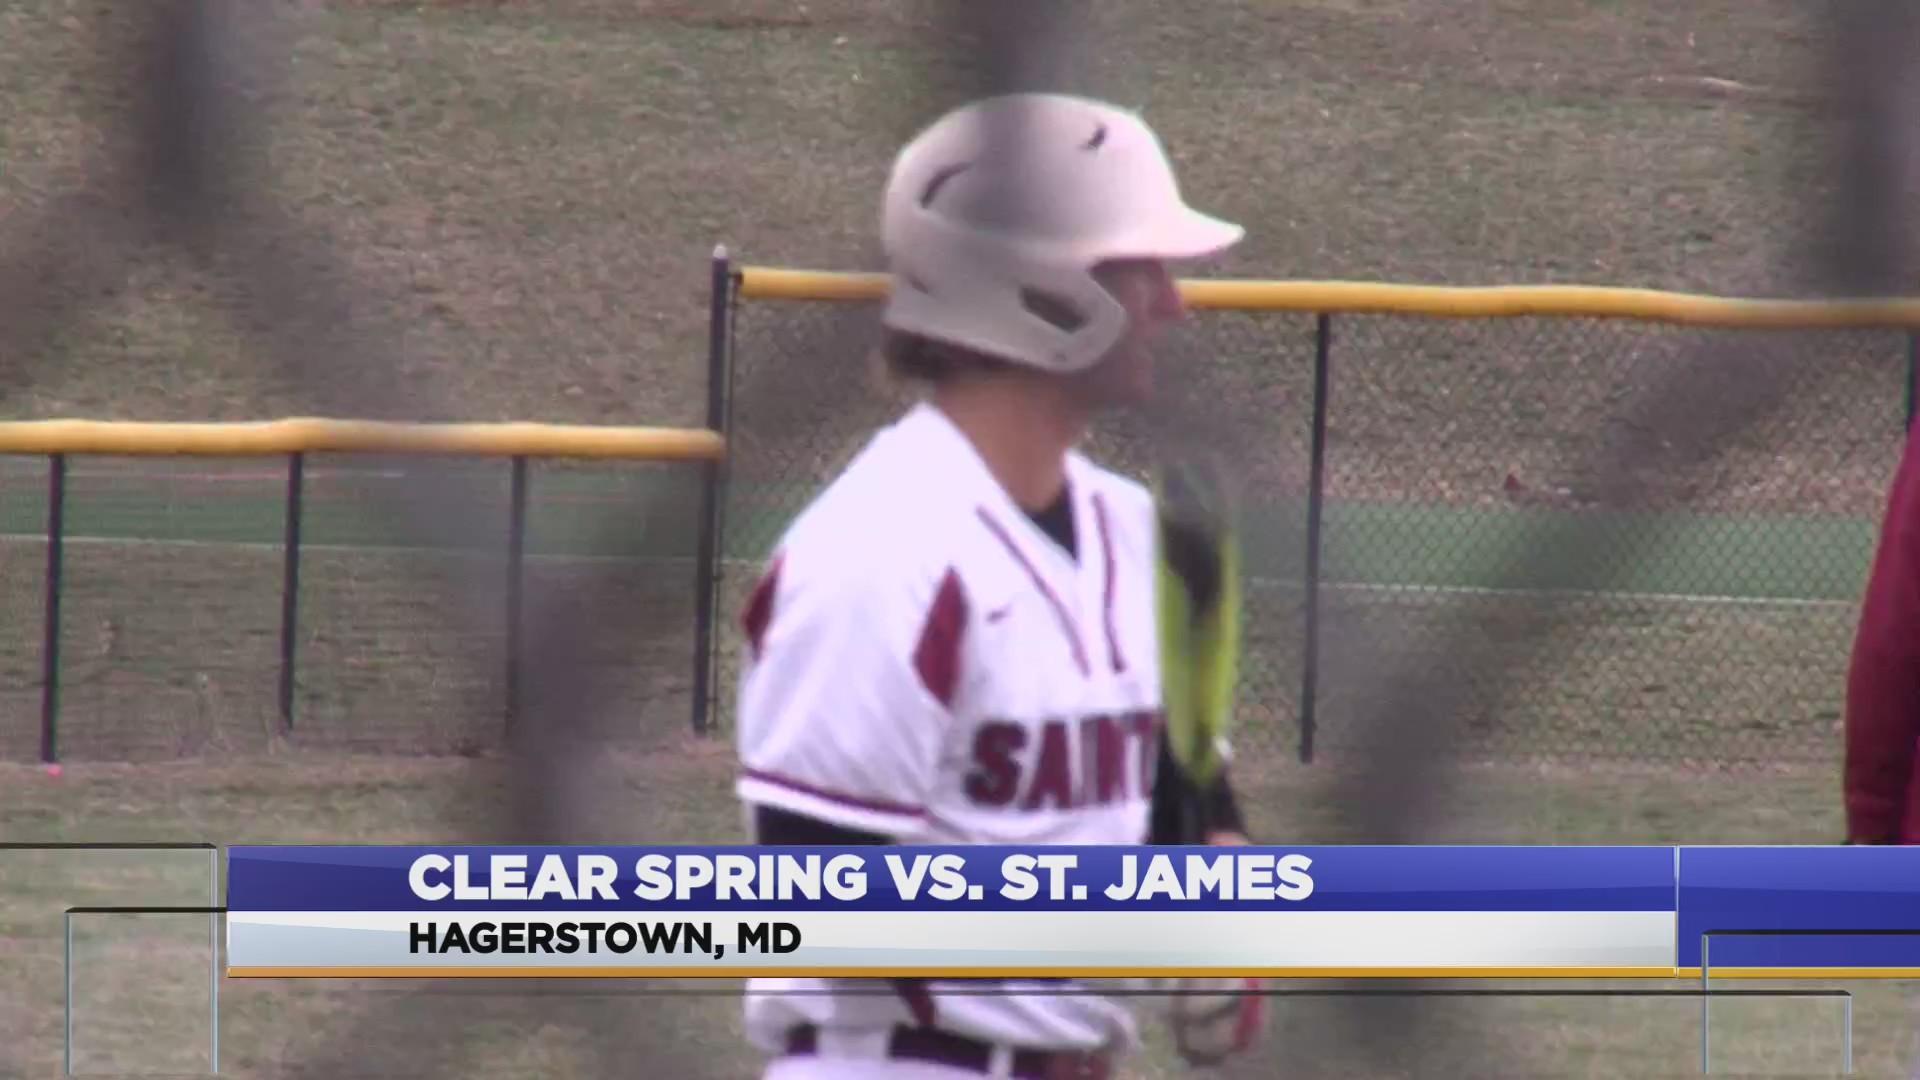 Clear_Spring_vs__St__James_School_Baseba_0_20190403031117